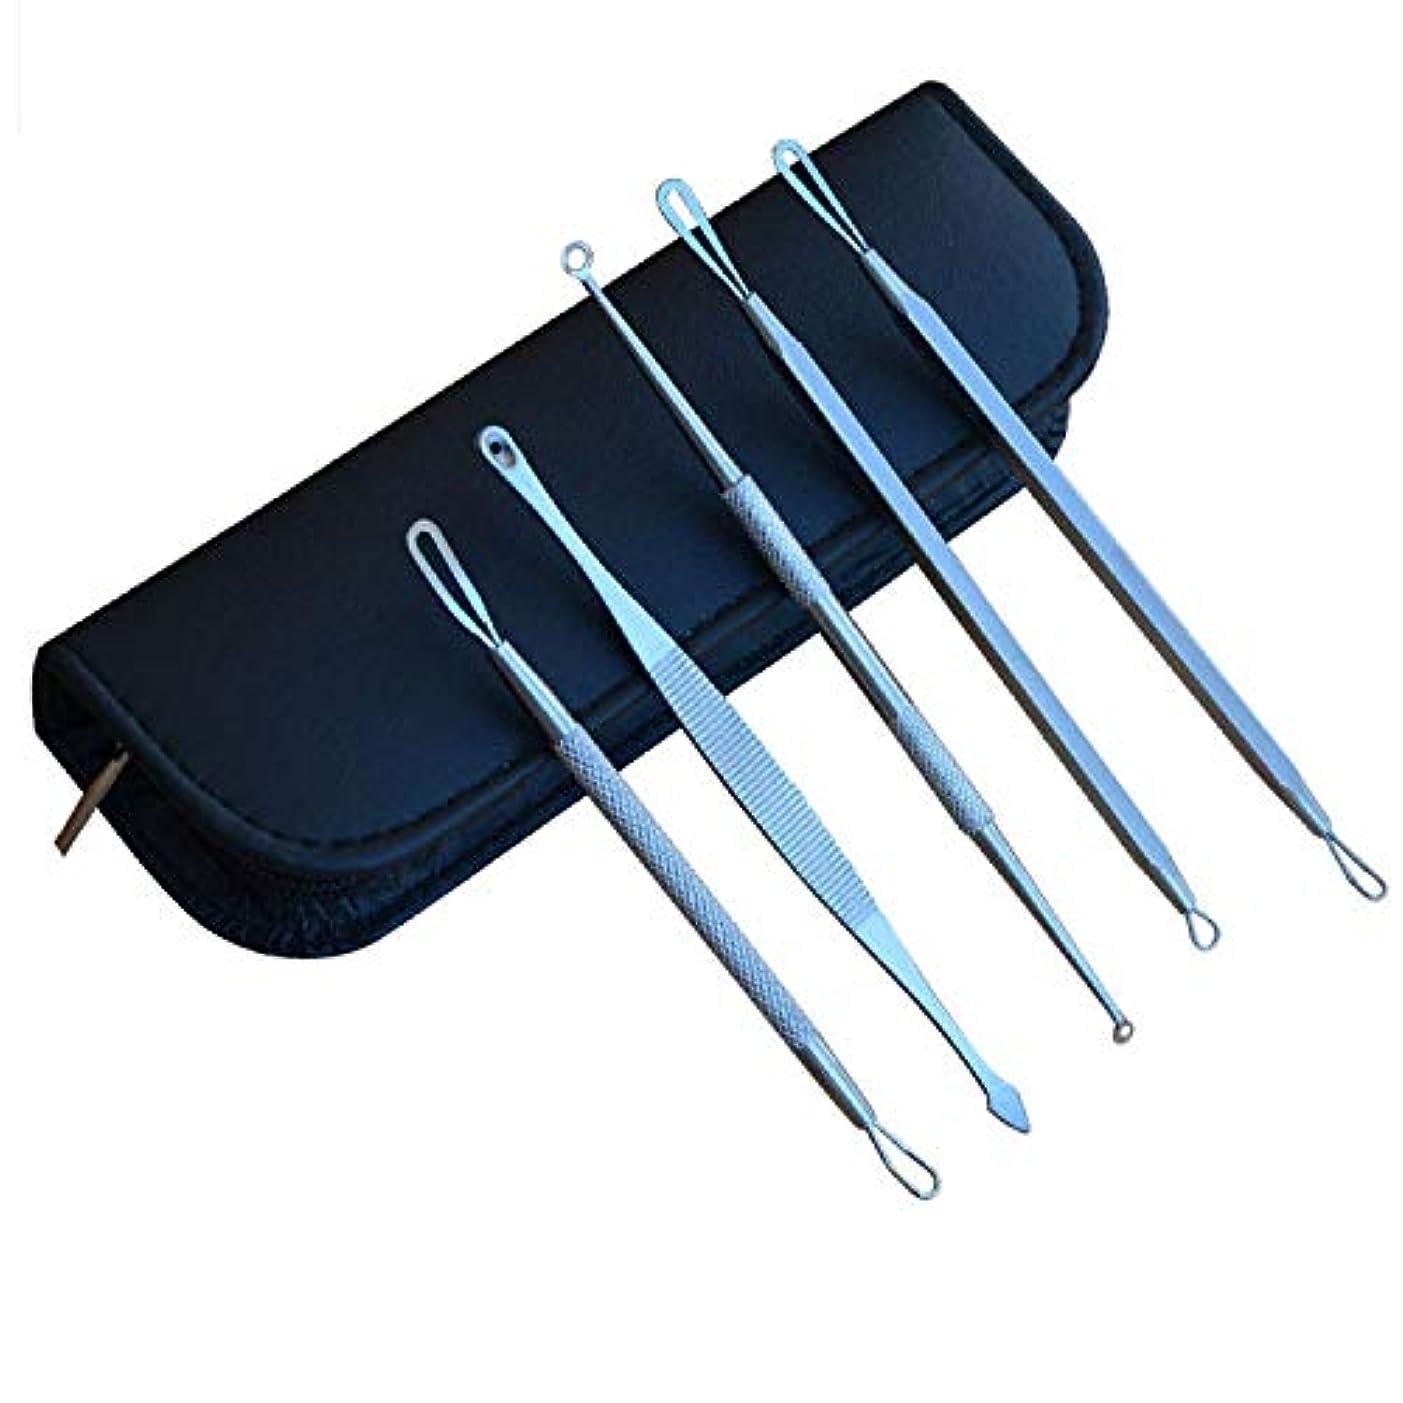 肘不満ブラウズKingsleyW 4-PCS PimpleExtractor、リスクフリーノーズフェースのための黒毛のケアのにきびツット除去ツール - ローズゴールドピンセットキット (色 : 黒)